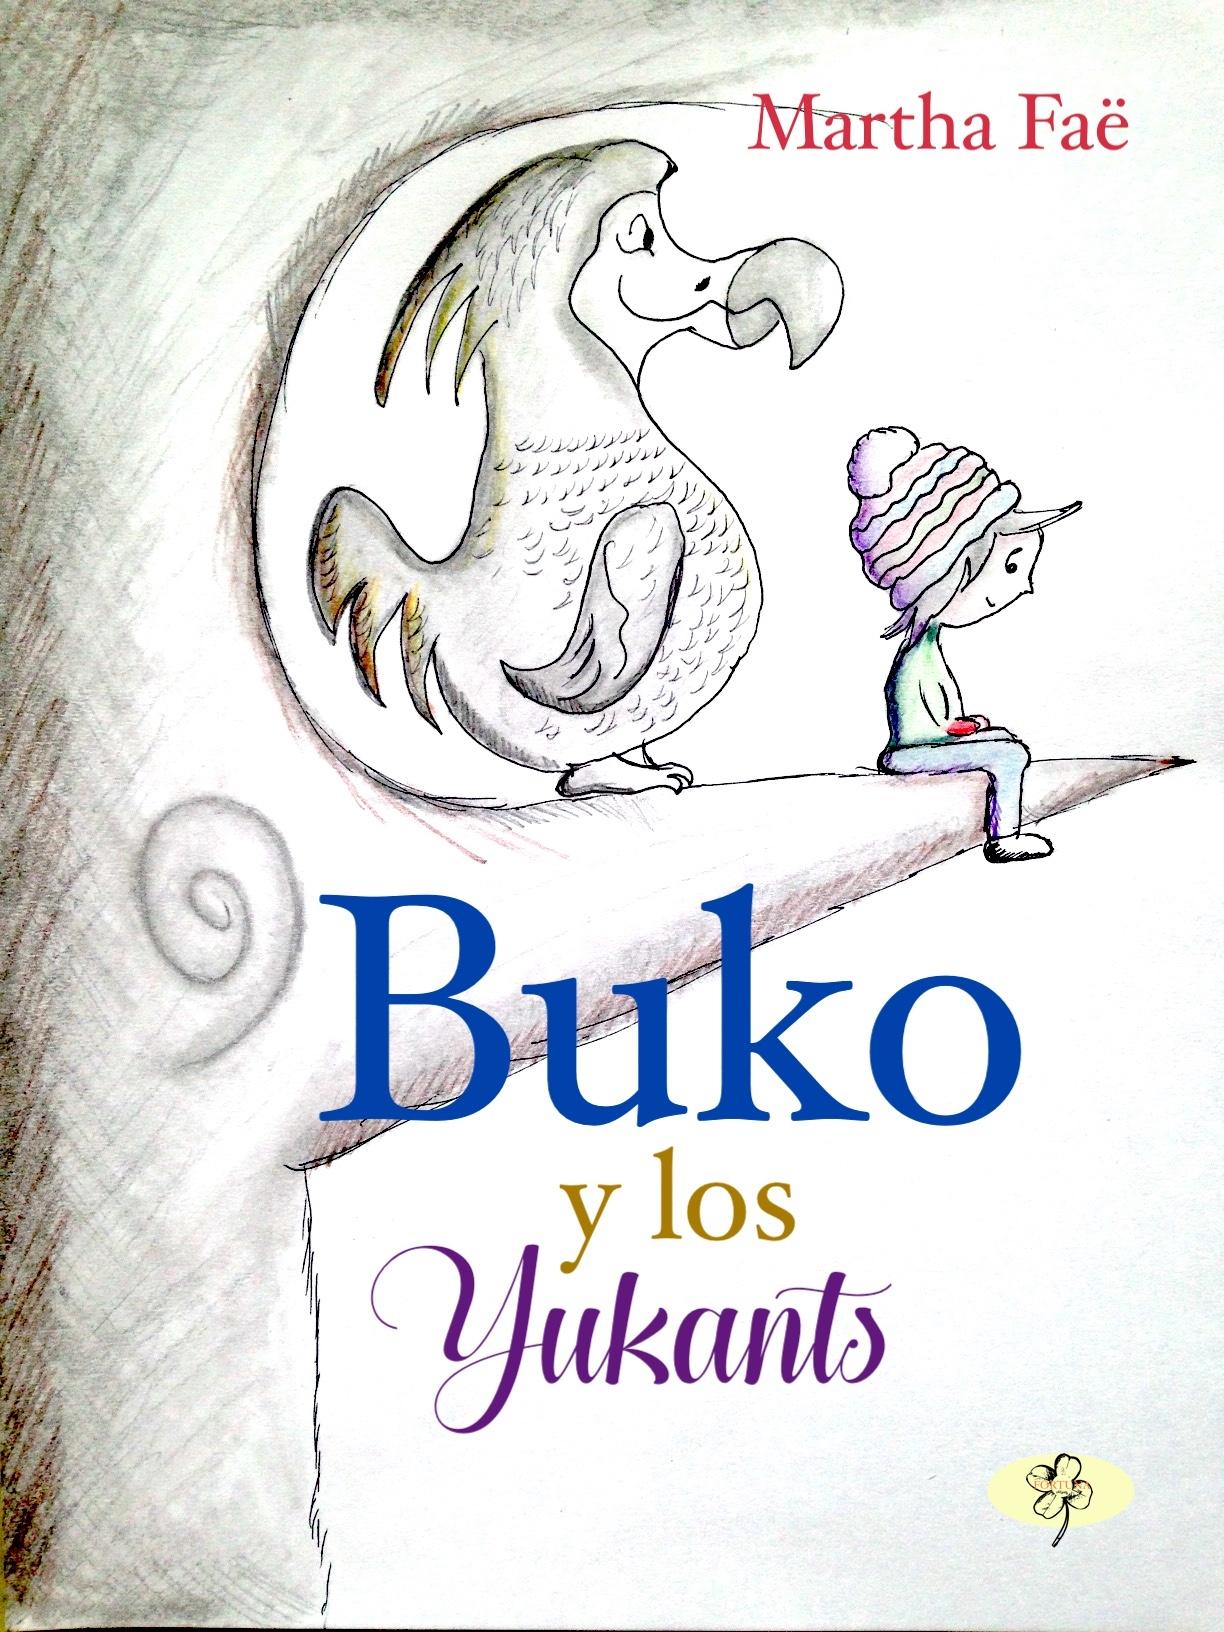 Buko y los yukants